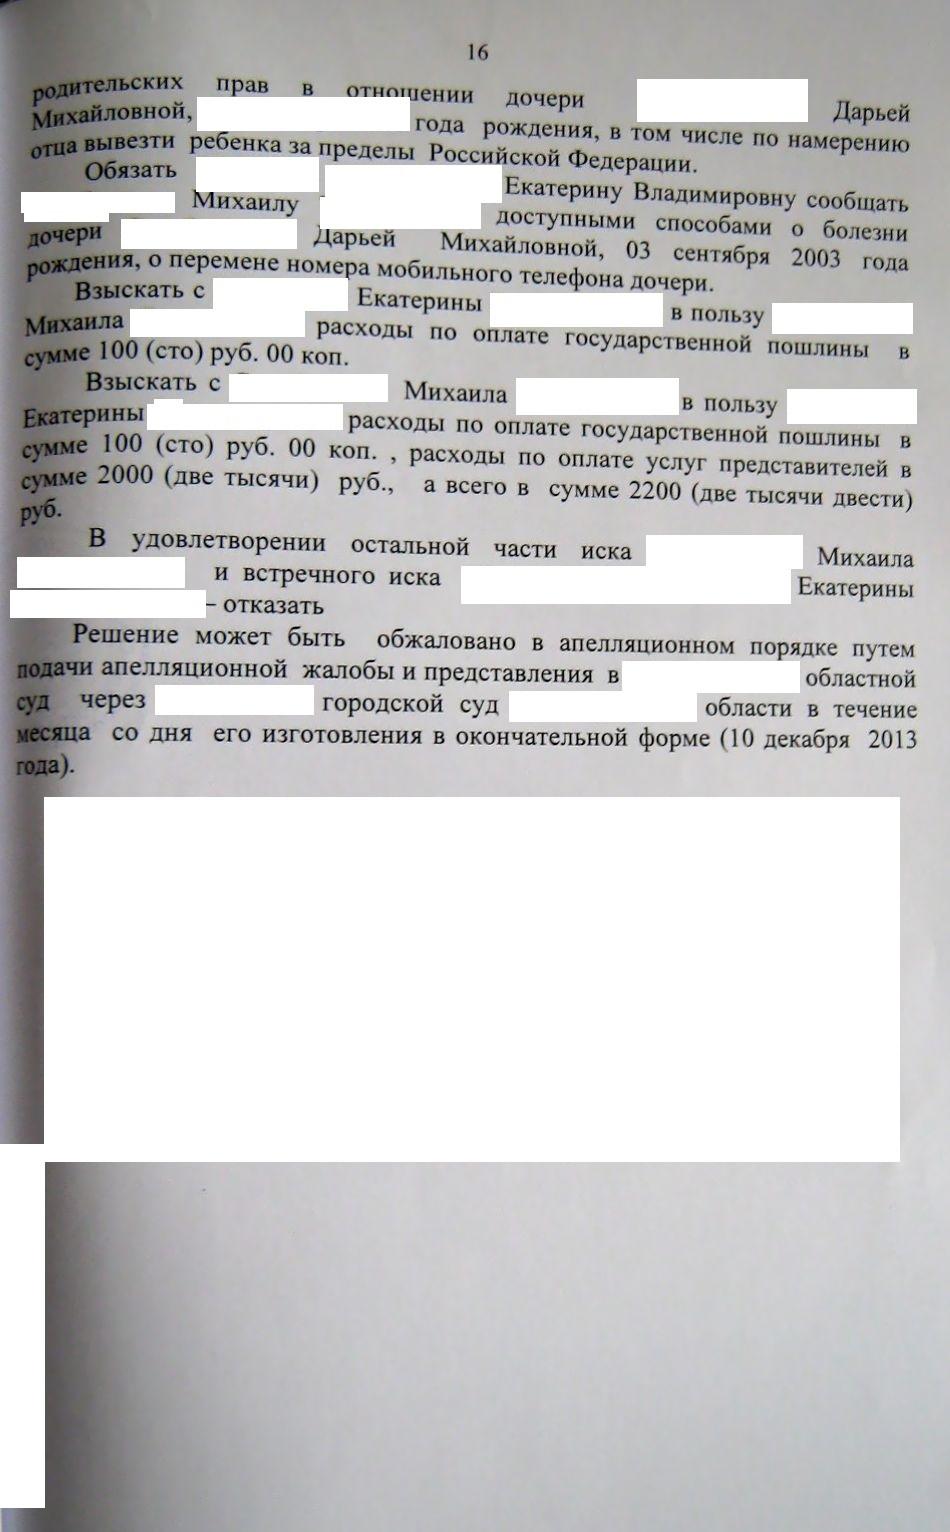 БЖ подала встречное исковое заявление (об устранении препятствий к общению с ребёнком) Ilgm13